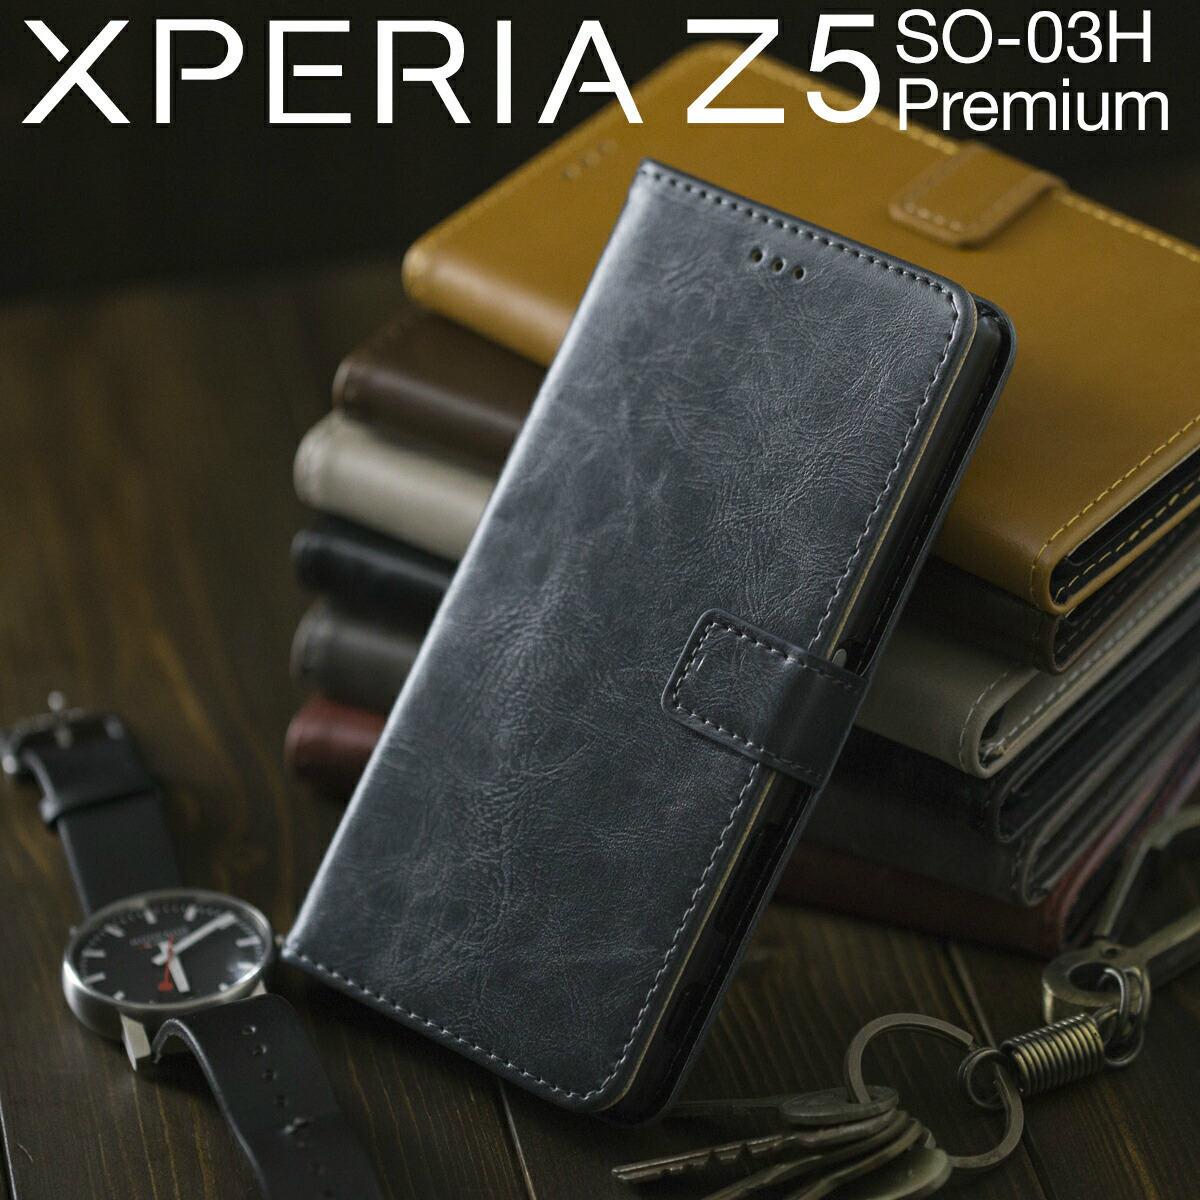 エクスペリアZ5プレミアム XperiaZ5Premium SO-03H アンティークレザー 手帳型ケース カバー 革|xperia ケース スマホケース エクスペリア z5 携帯ケース 手帳型 スマホカバー xperiaz5 手帳 レザー スマフォケース 手帳ケース 送料無料 スマートホンケース